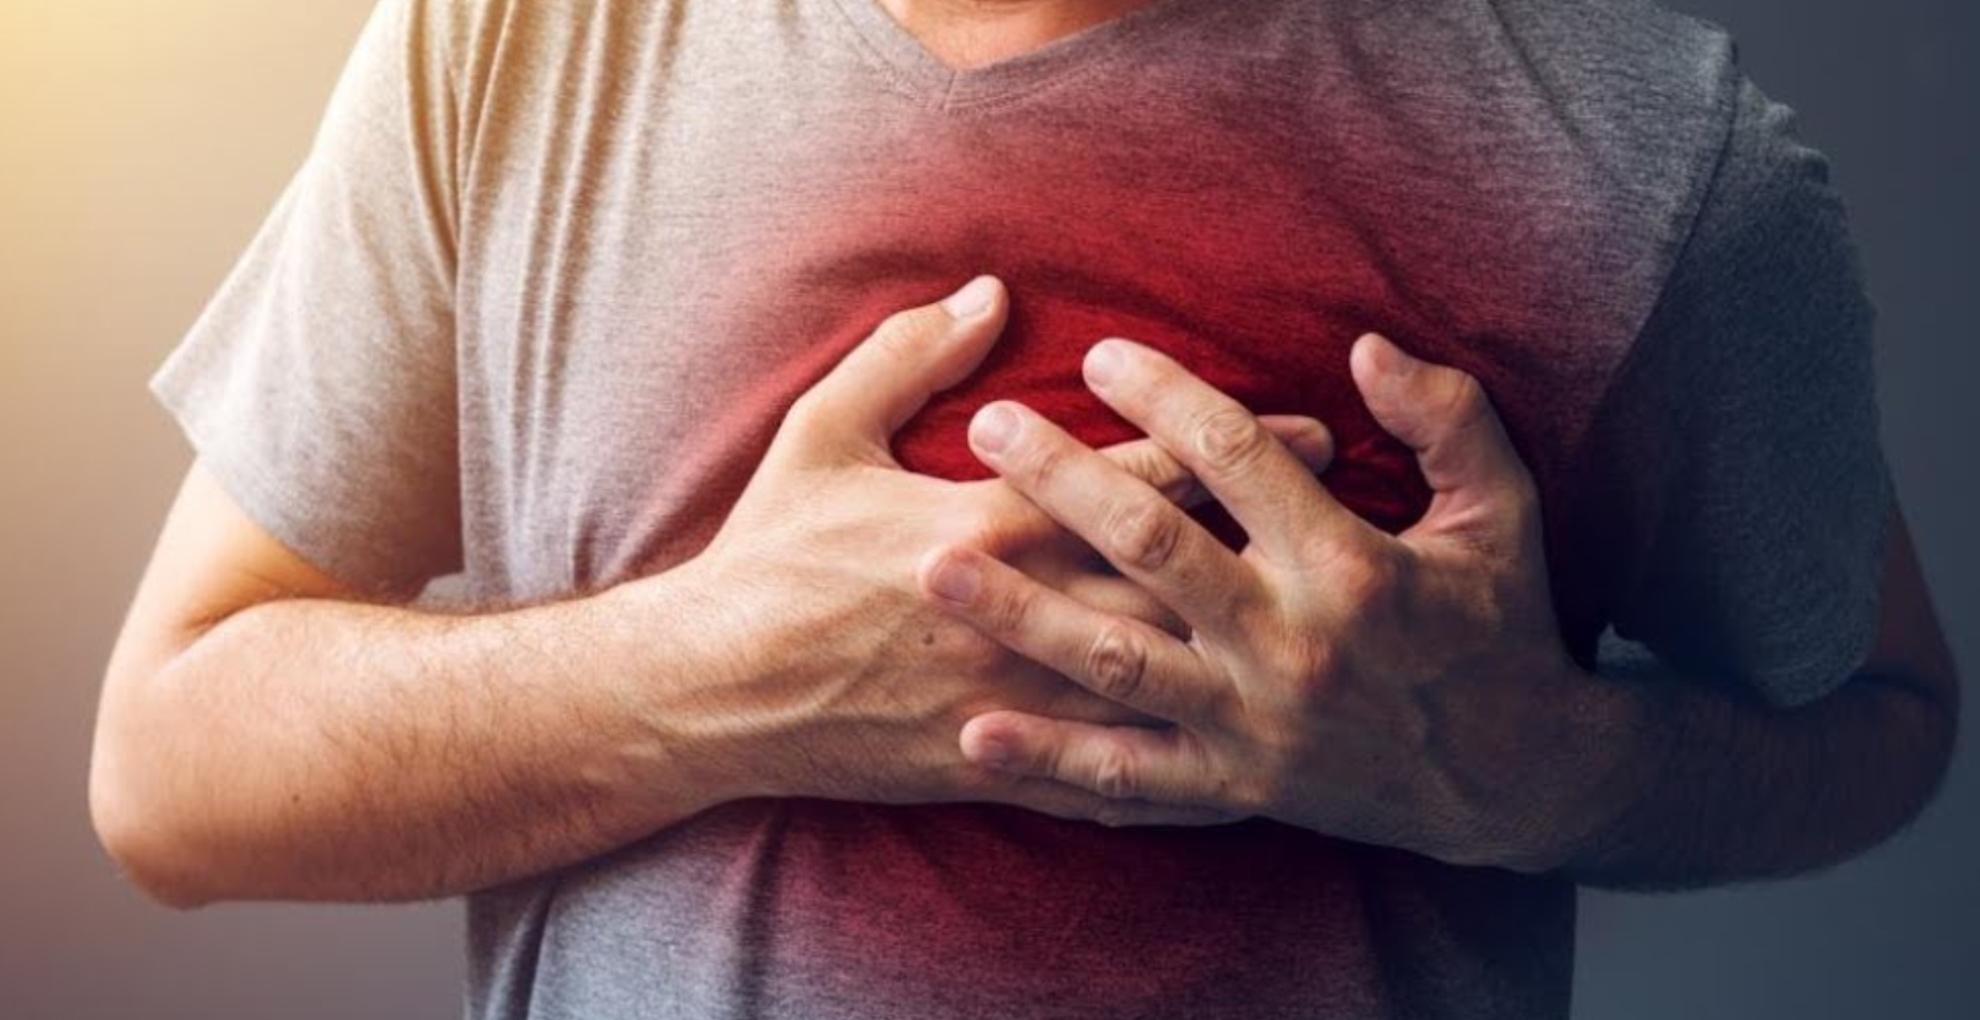 Health Tips: हार्ट अटैक के मरीज बरतें ये सावधानियां, रहेंगे हेल्दी और नहीं होगा कोई खतरा